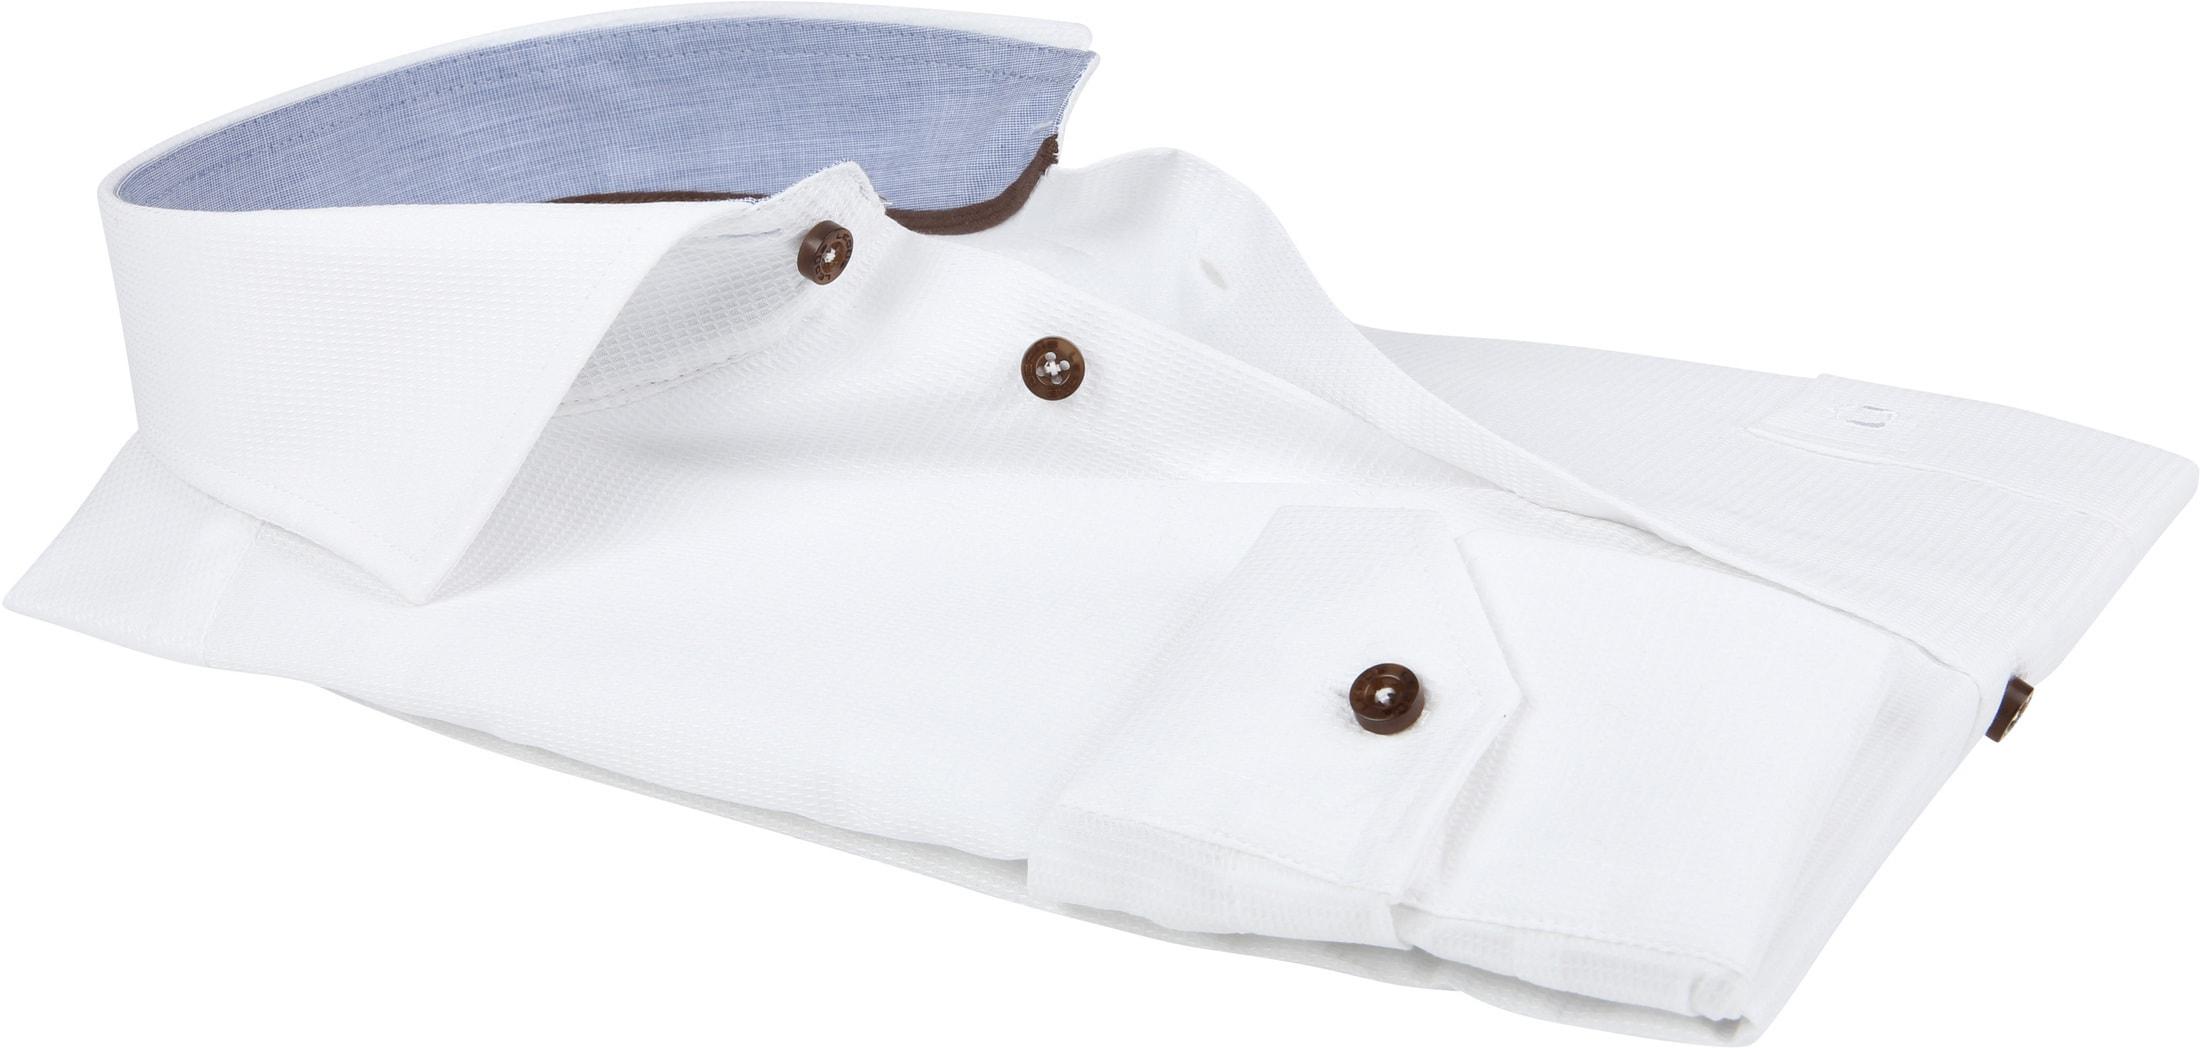 Ledub Shirt White MF foto 3